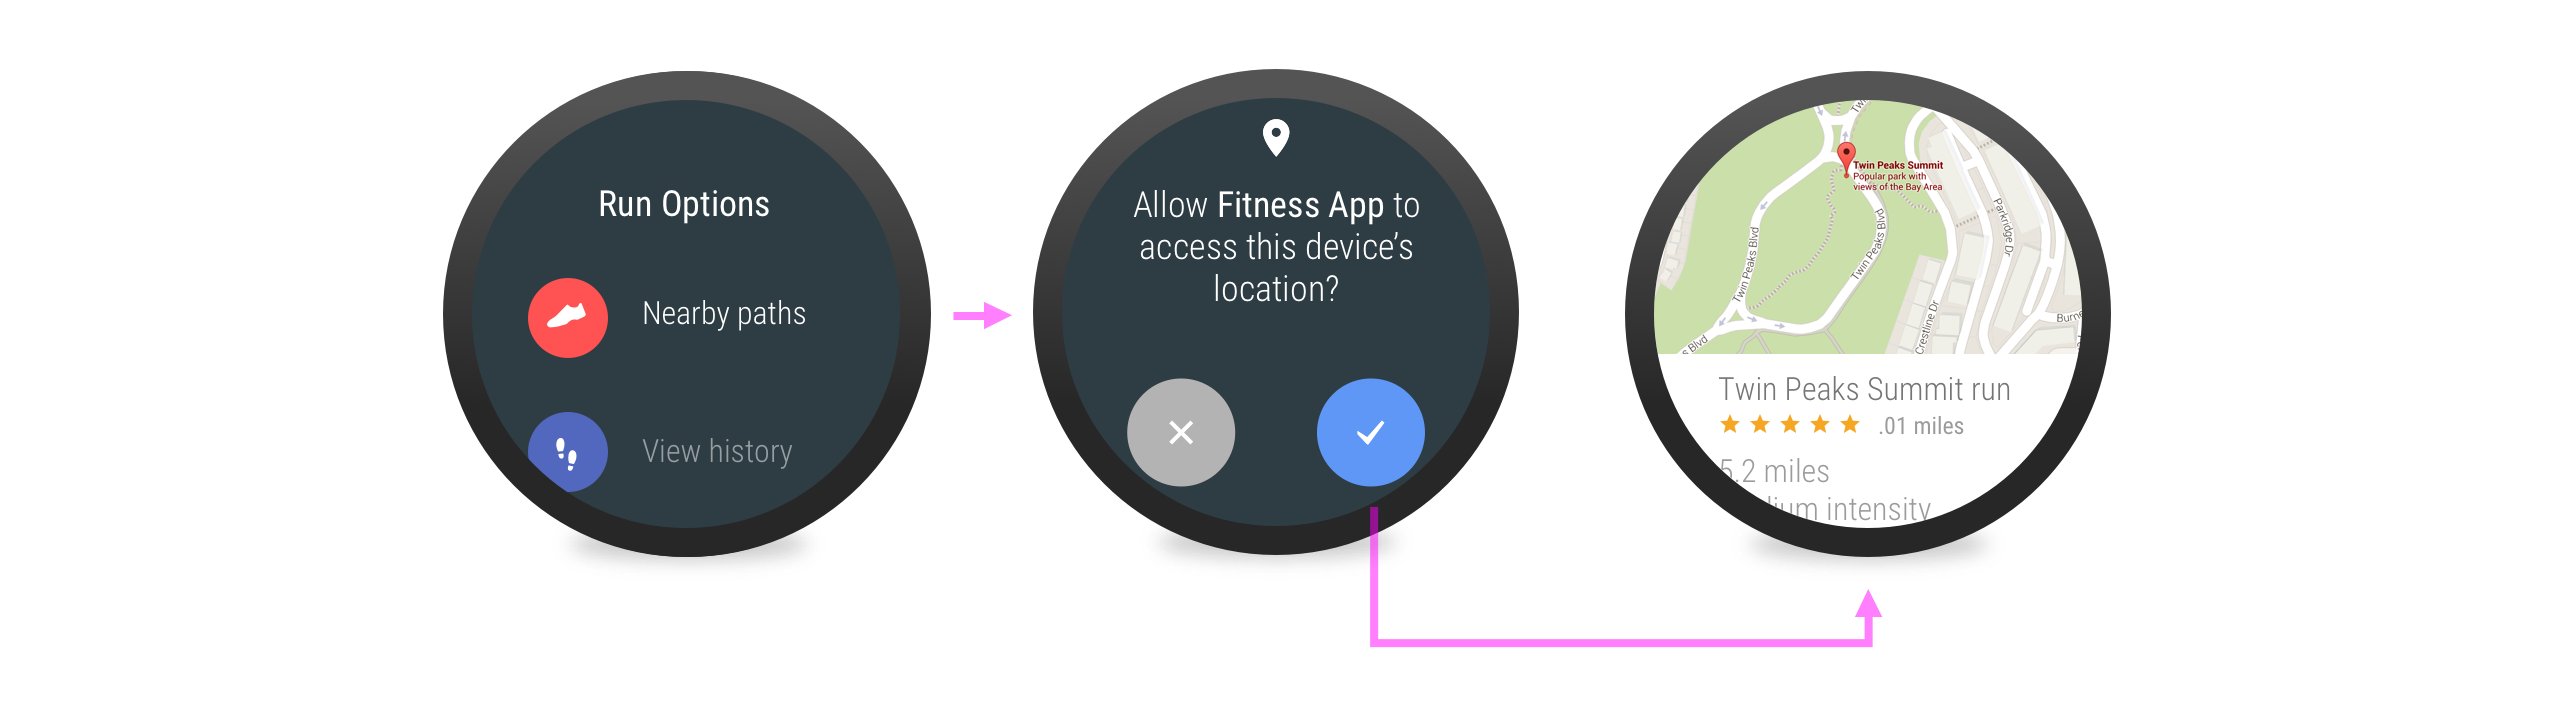 Aplikasi meminta izin ketika jelas diperlukan.